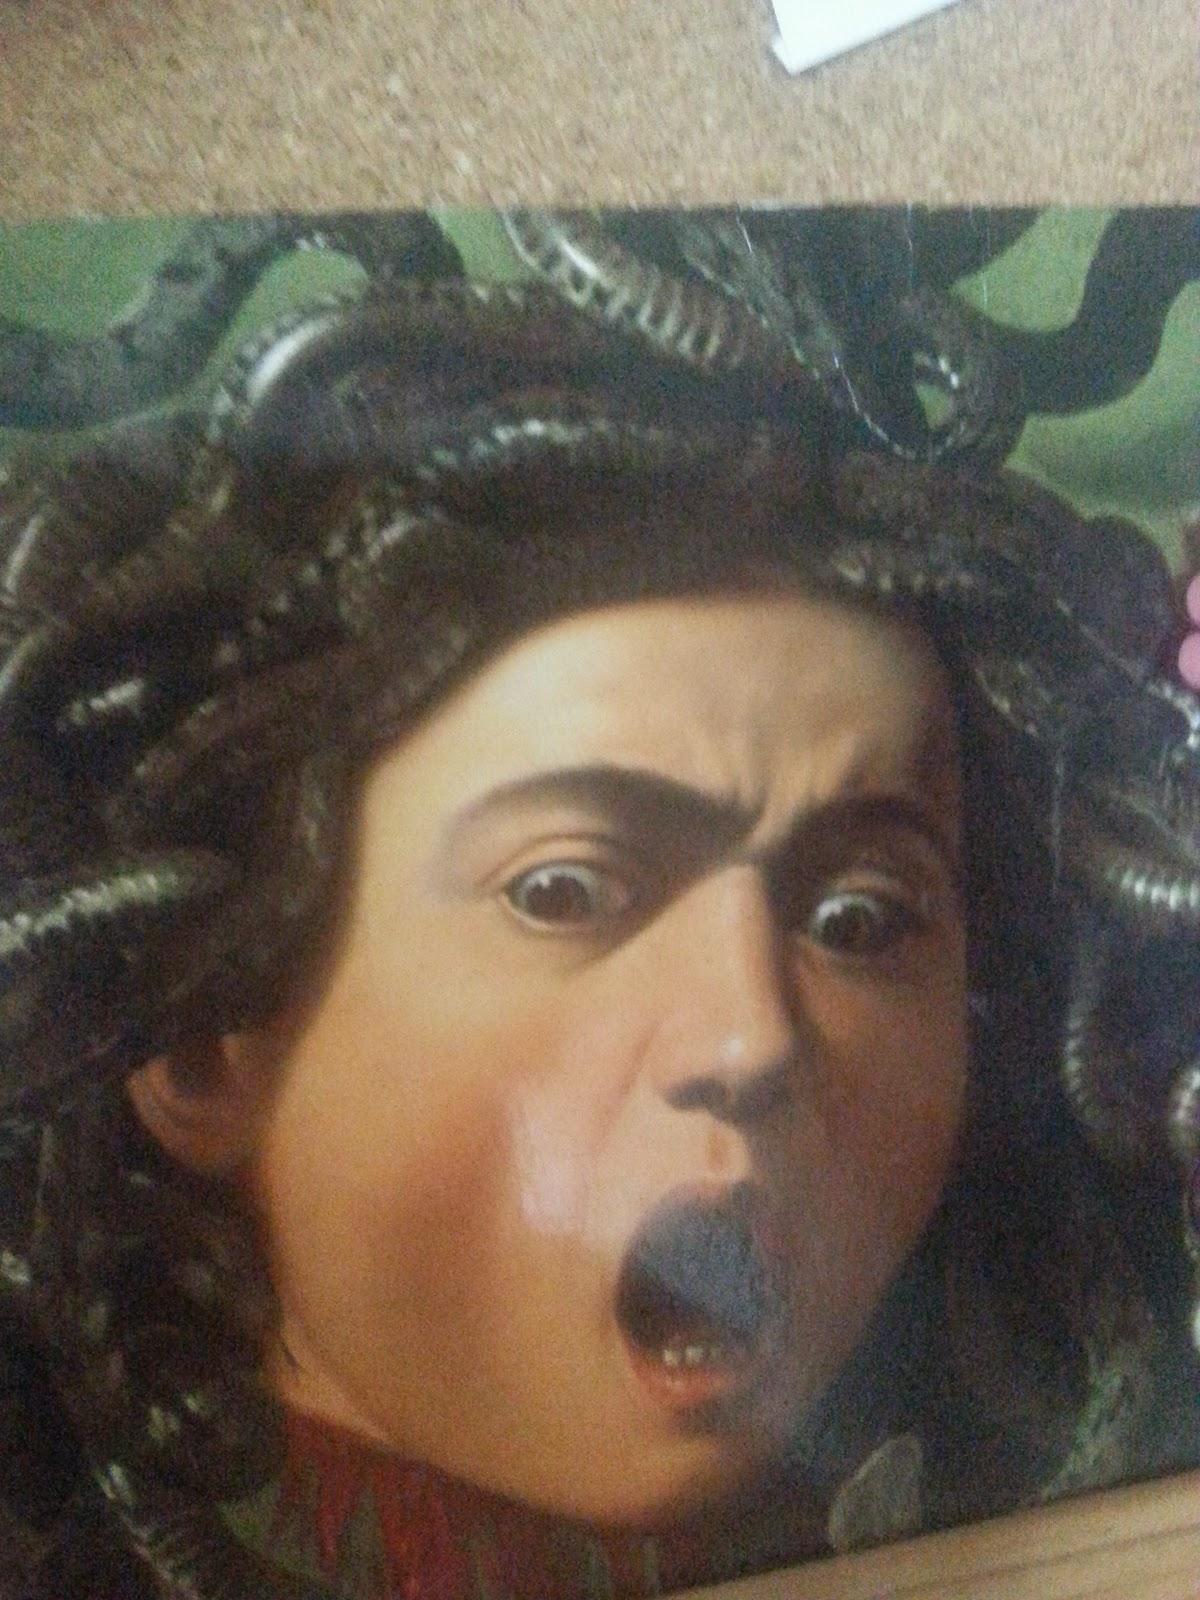 caravaggio's medusa